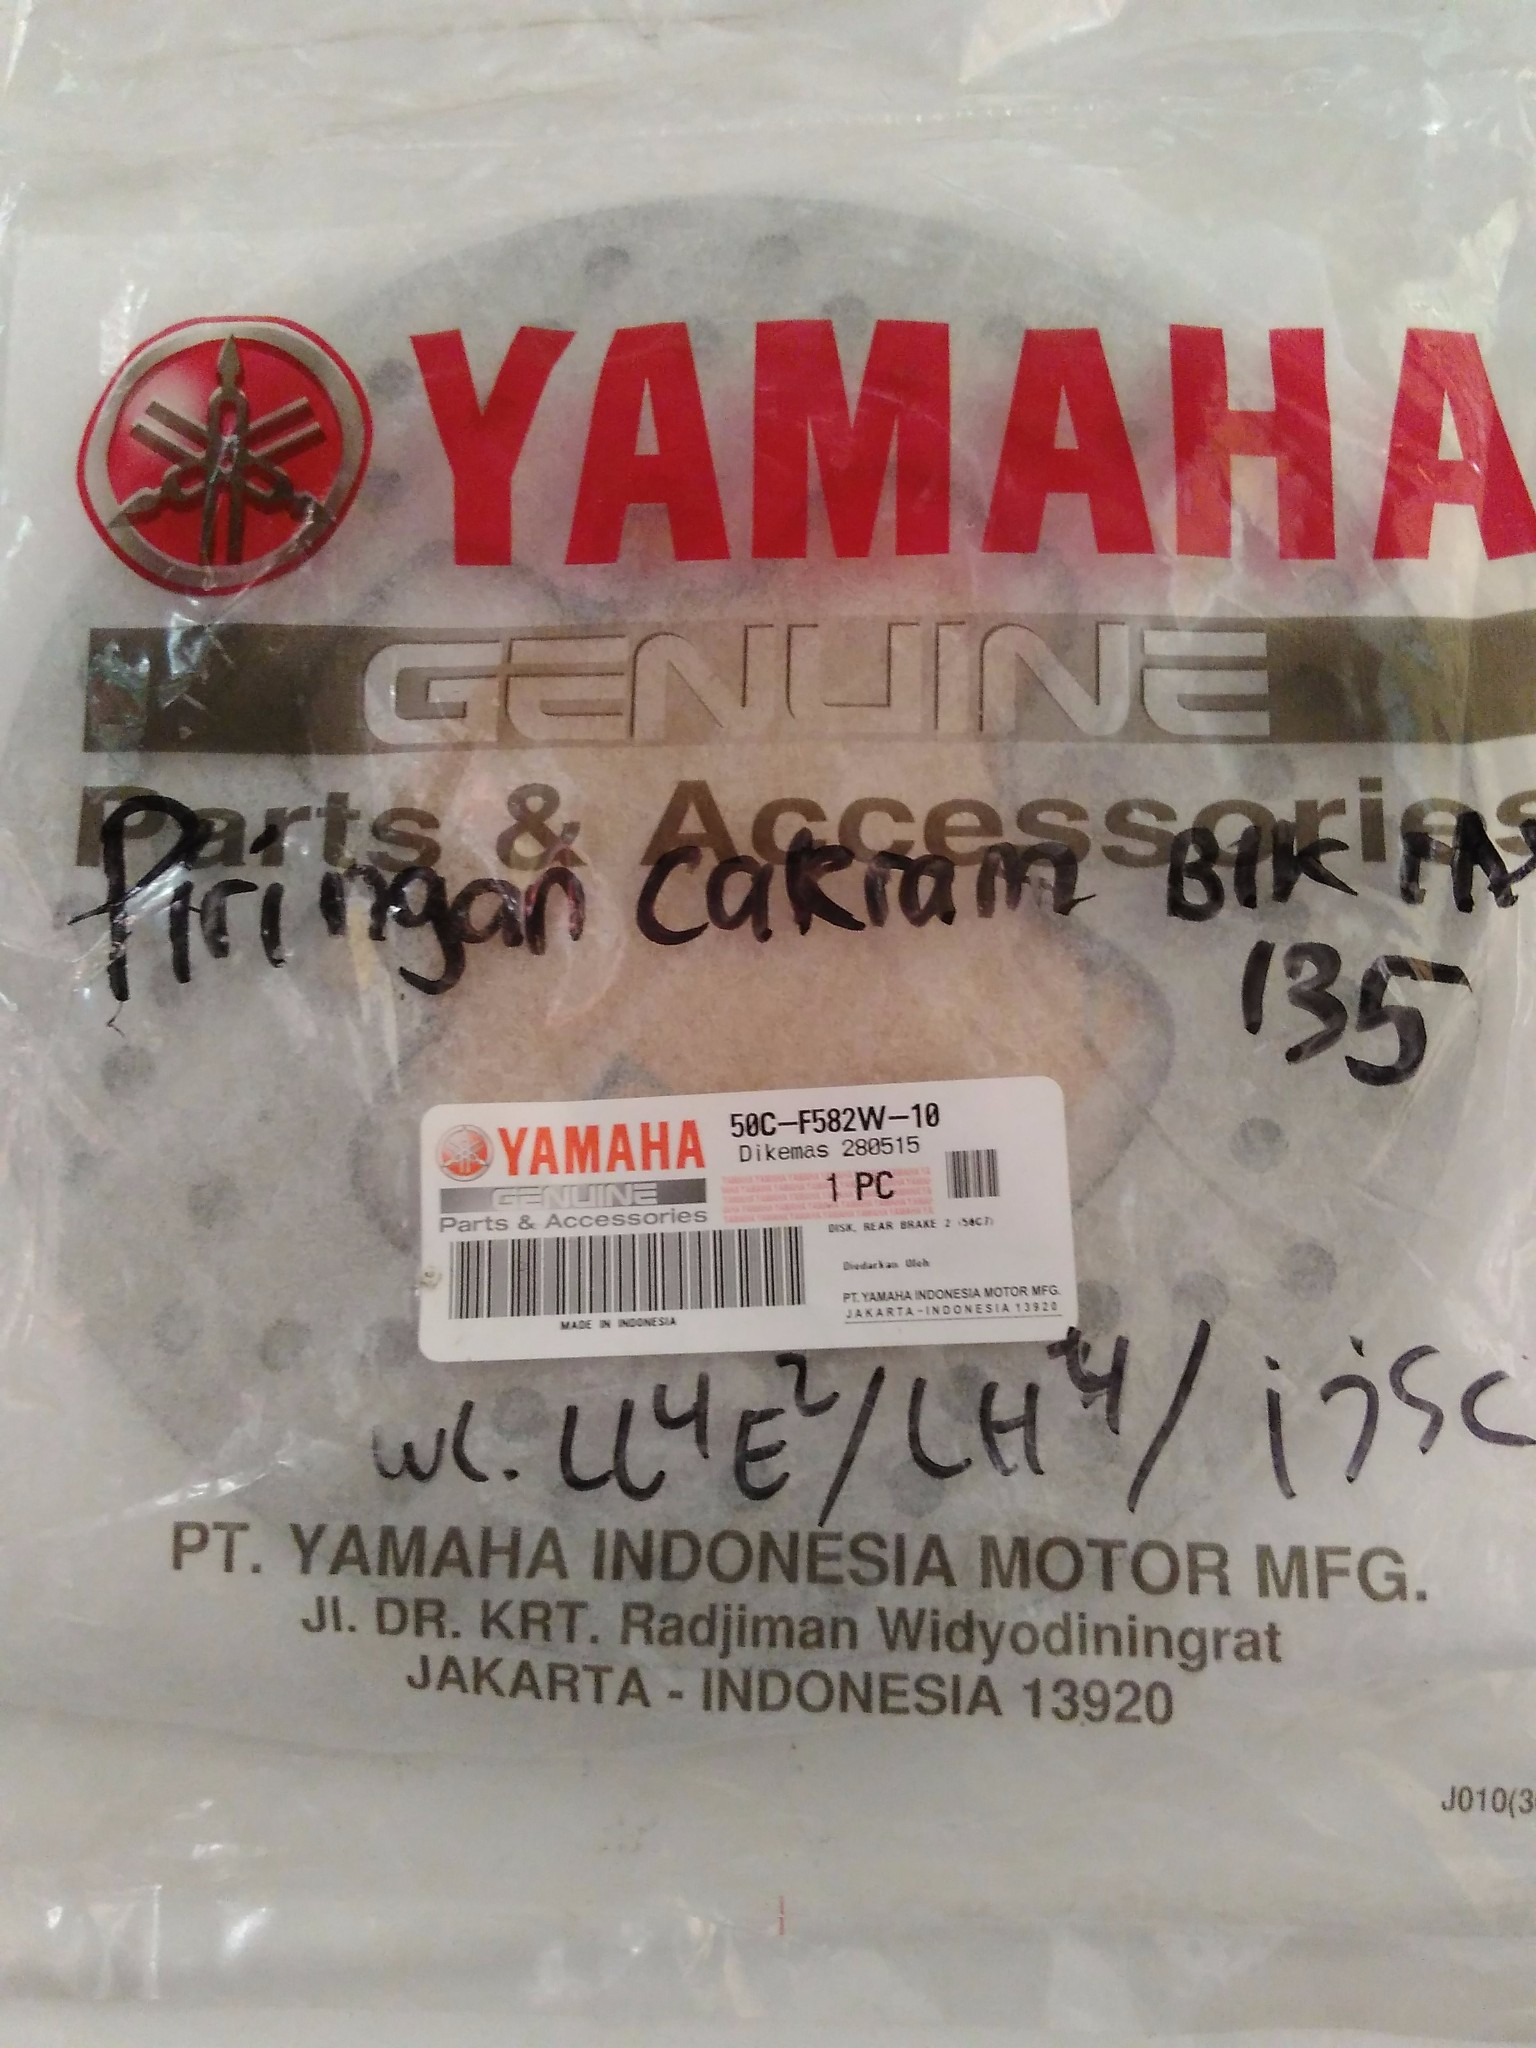 Jual Piringan Cakram Belakang Mx New 135 Original Yamaha Riva Jaya Jupiter Disc Brake Motor Tokopedia